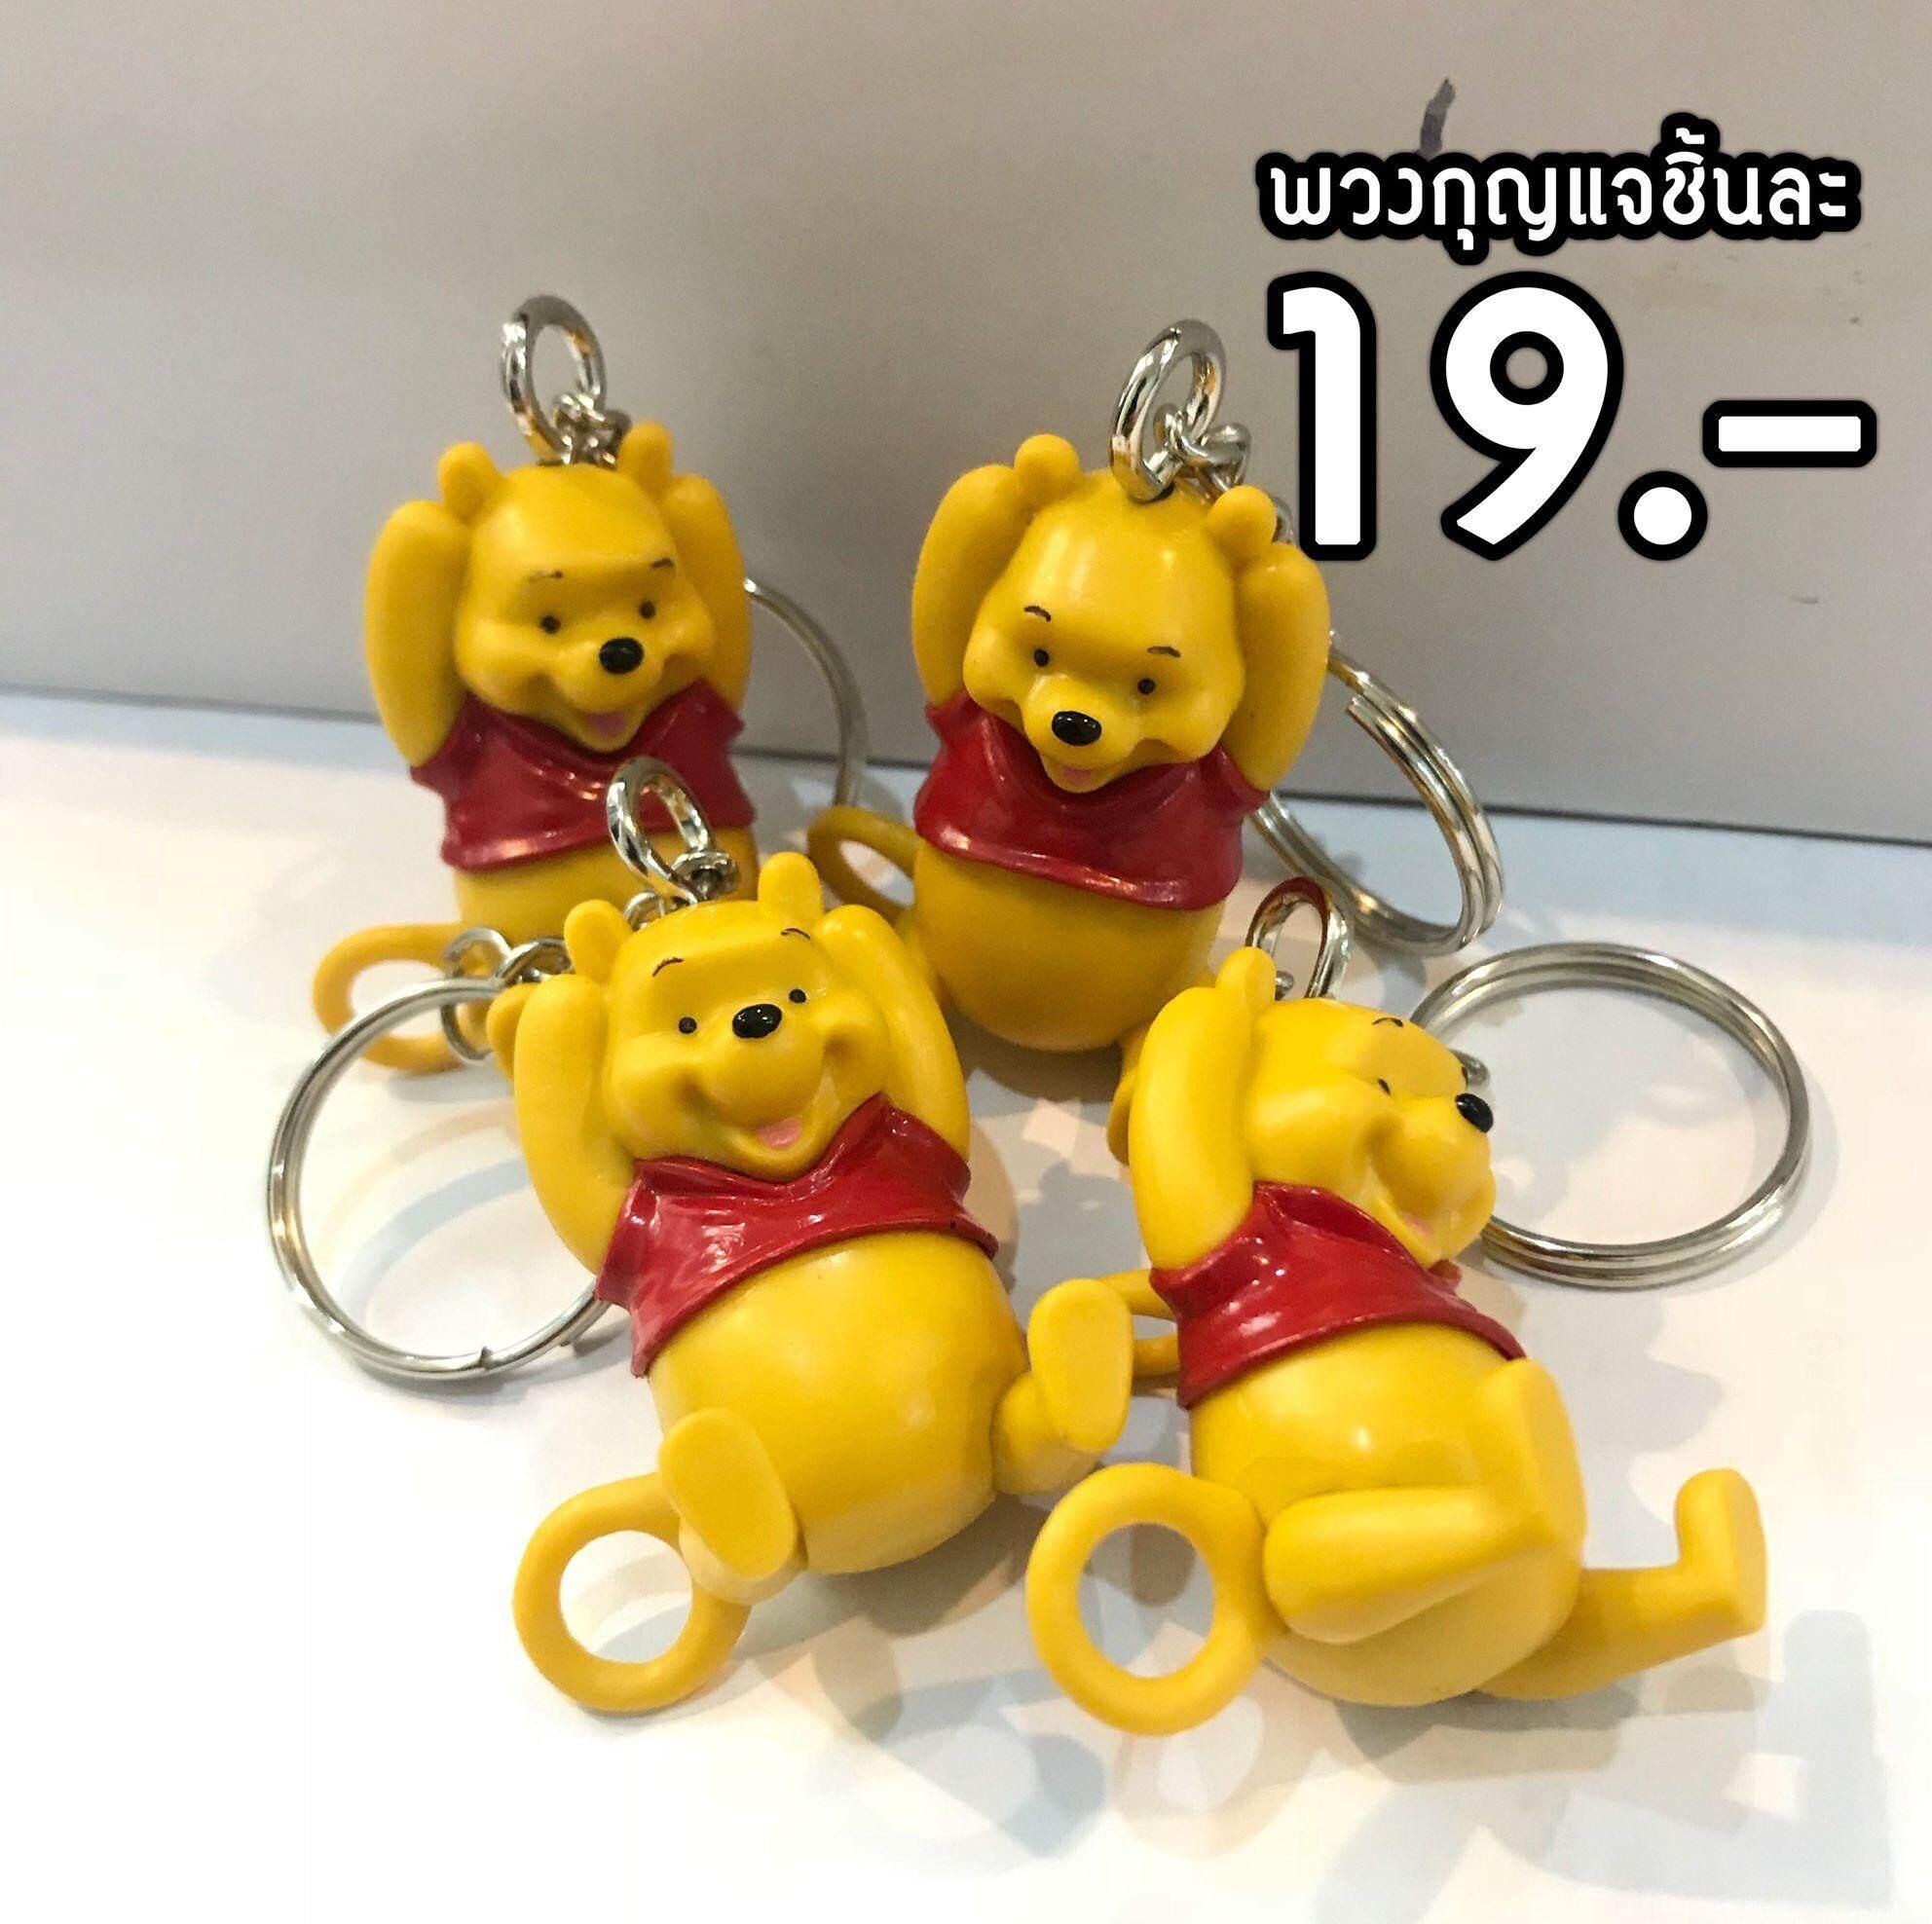 พวงกุญแจ หมีพู  19.-บาท / 1 ชิ้น.